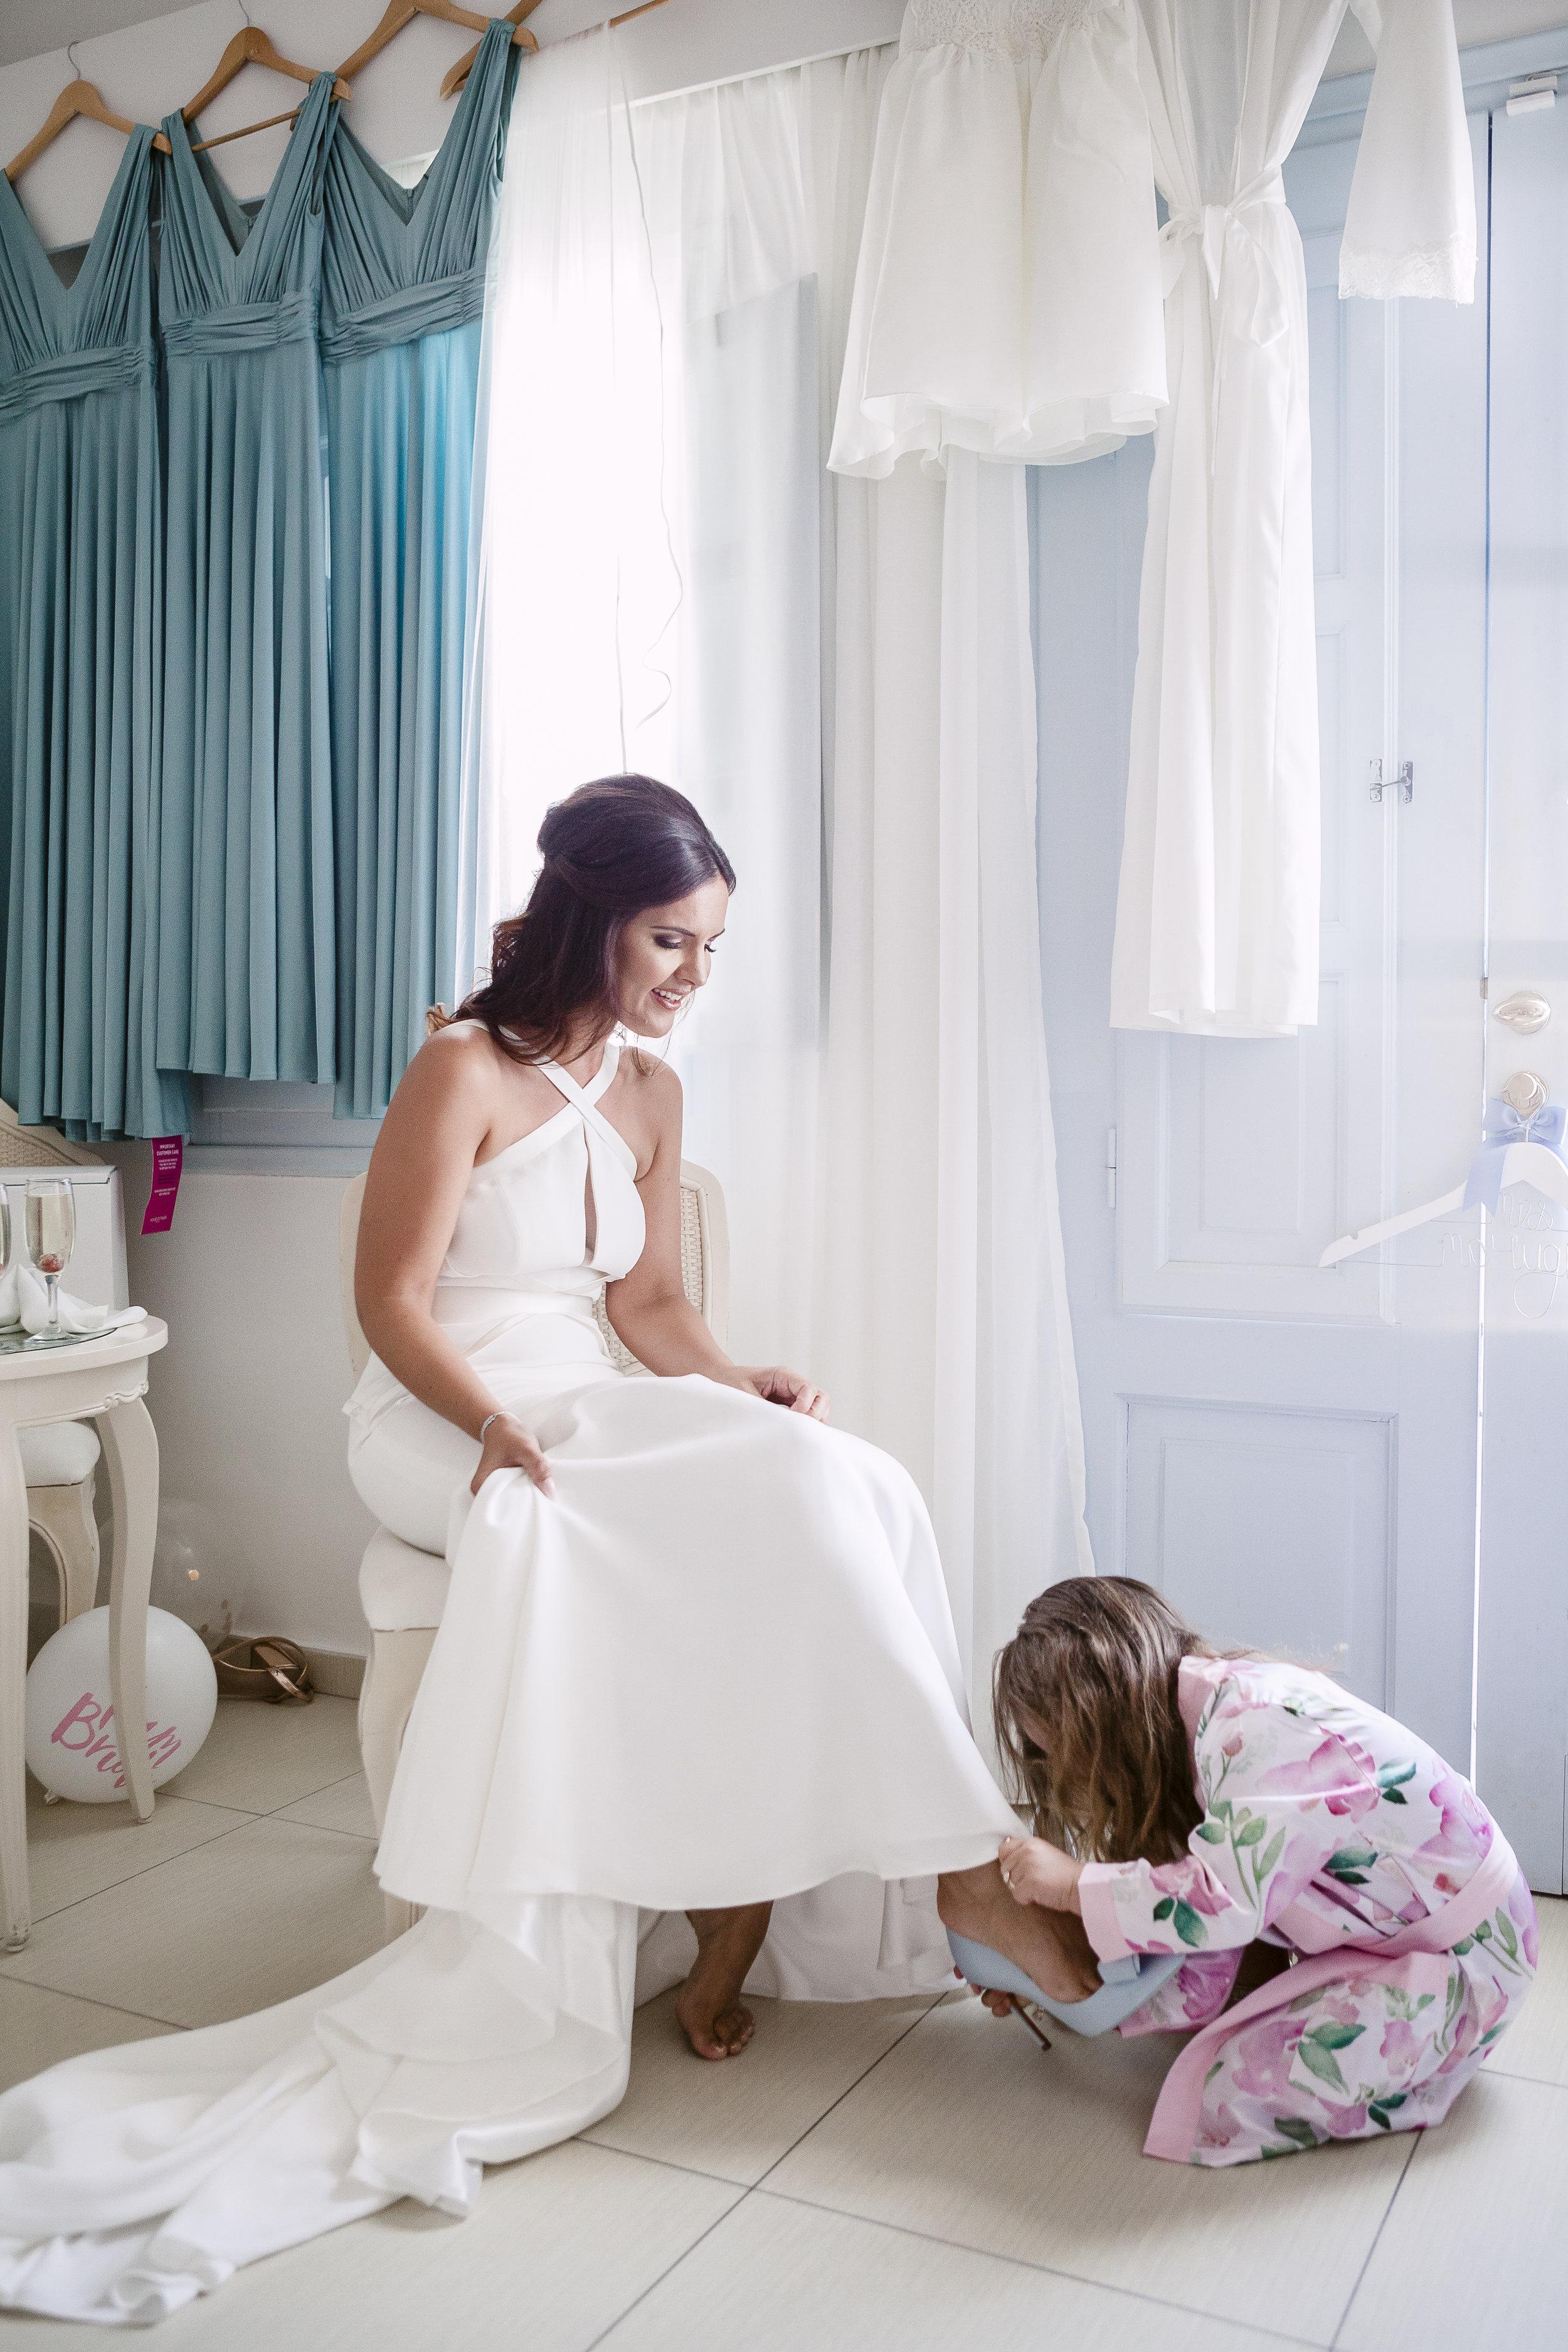 daughter putting on shoe.jpg